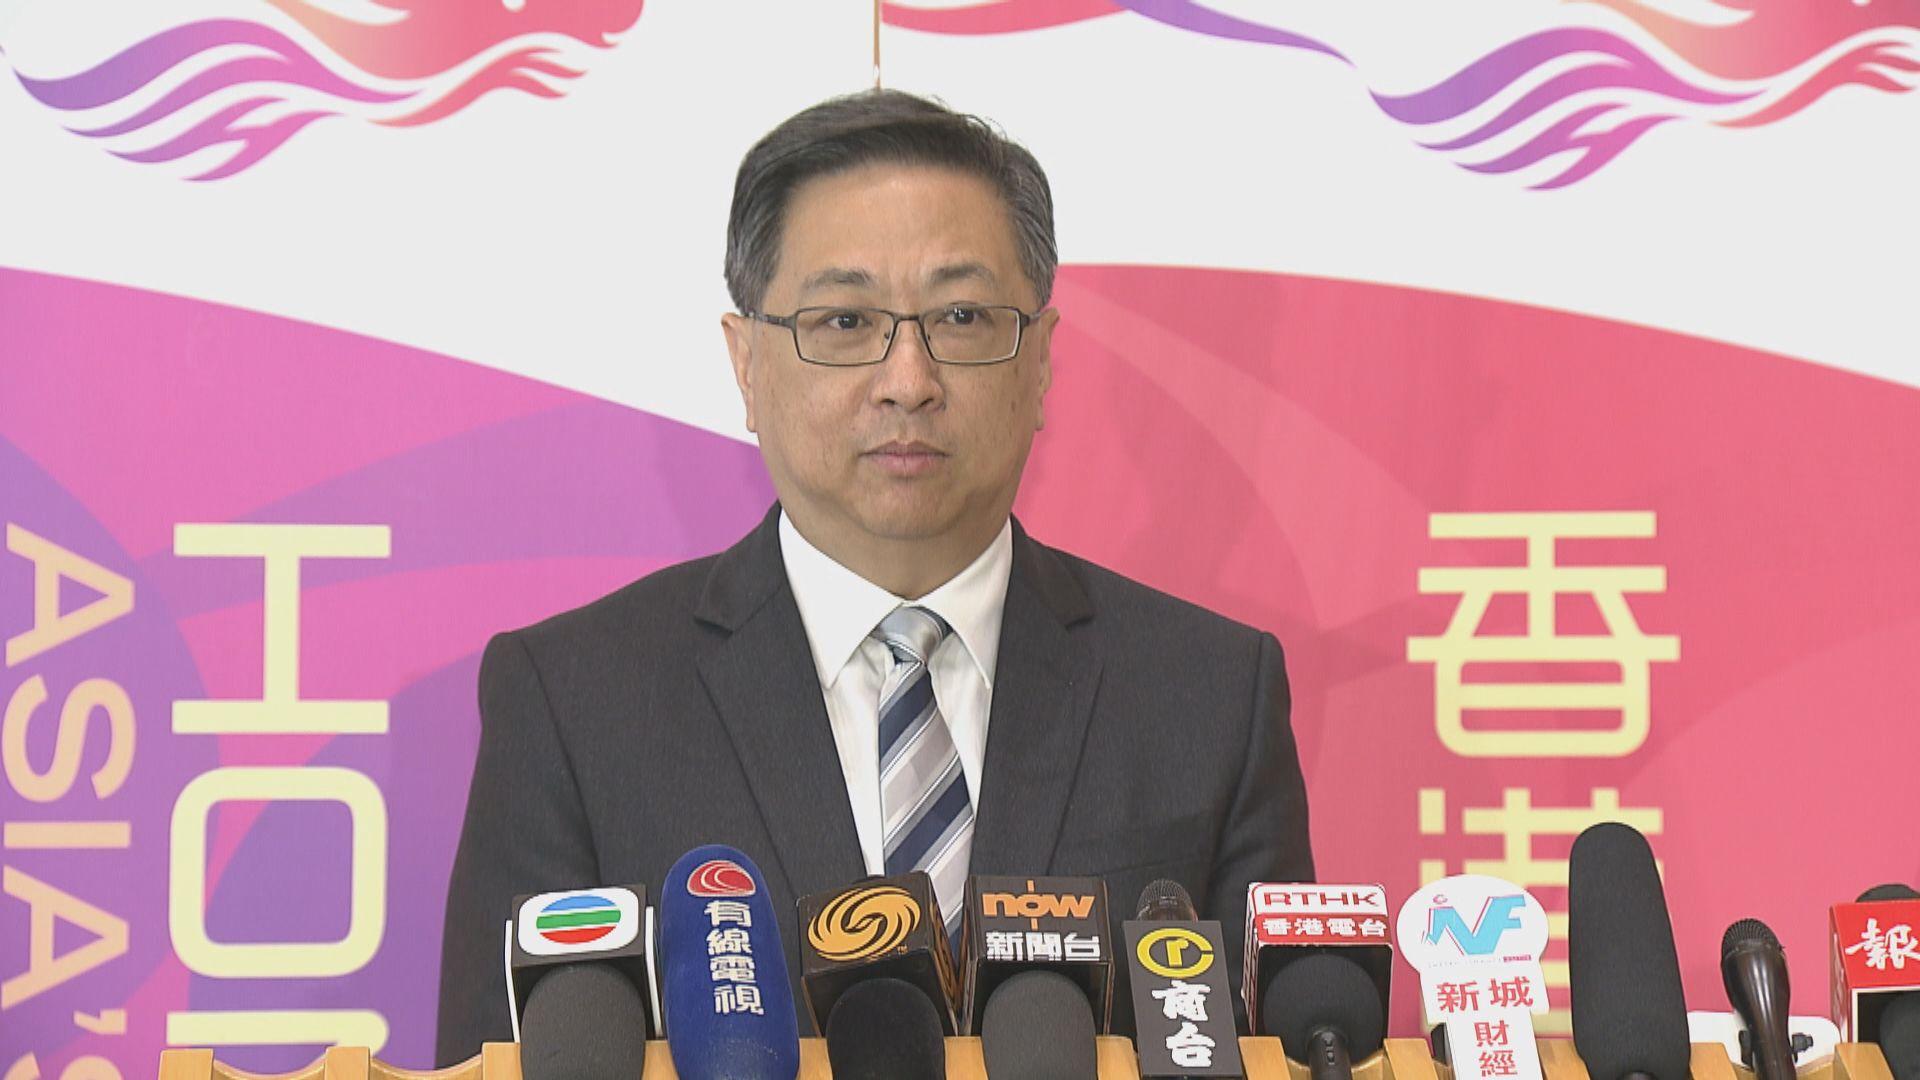 議員被控違特權法 盧偉聰:律政司決定